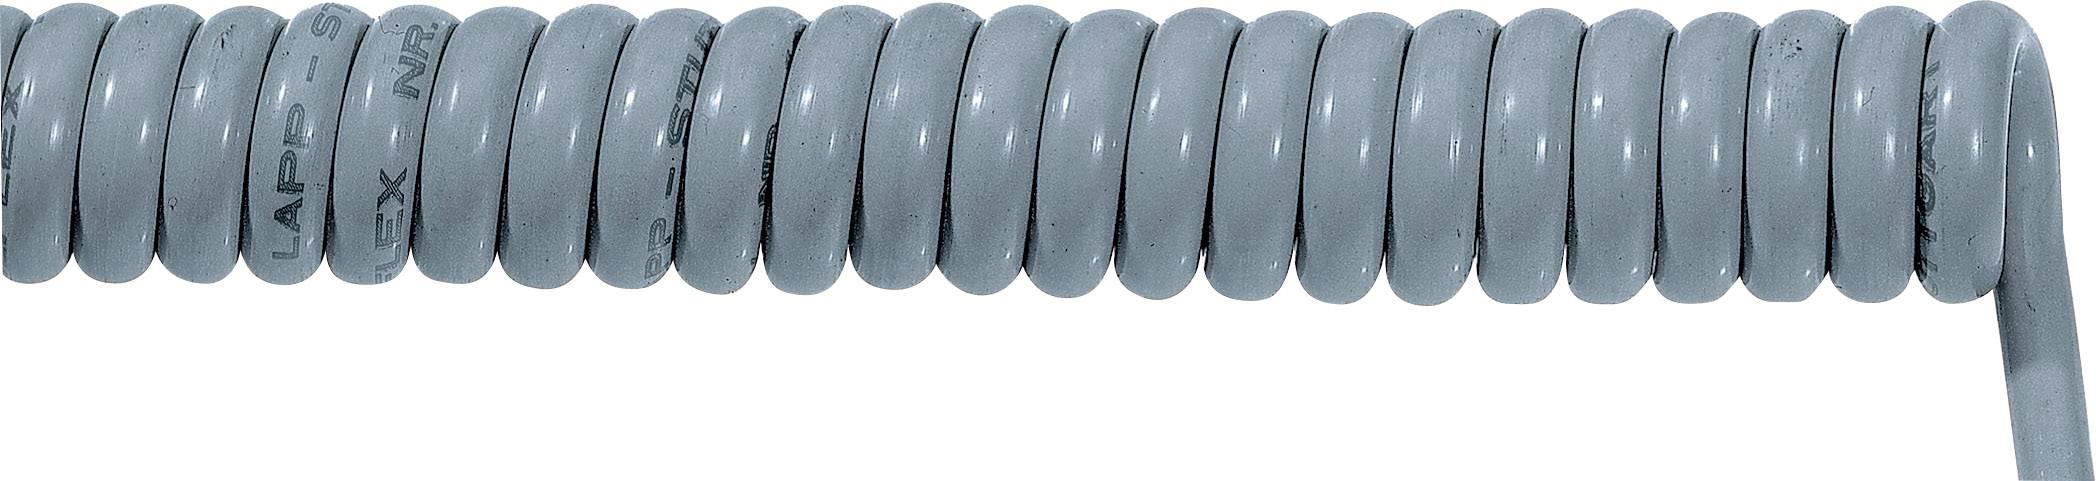 Špirálový kábel 70002662 ÖLFLEX® SPIRAL 400 P 5 x 1 mm², 1000 mm / 3000 mm, sivá